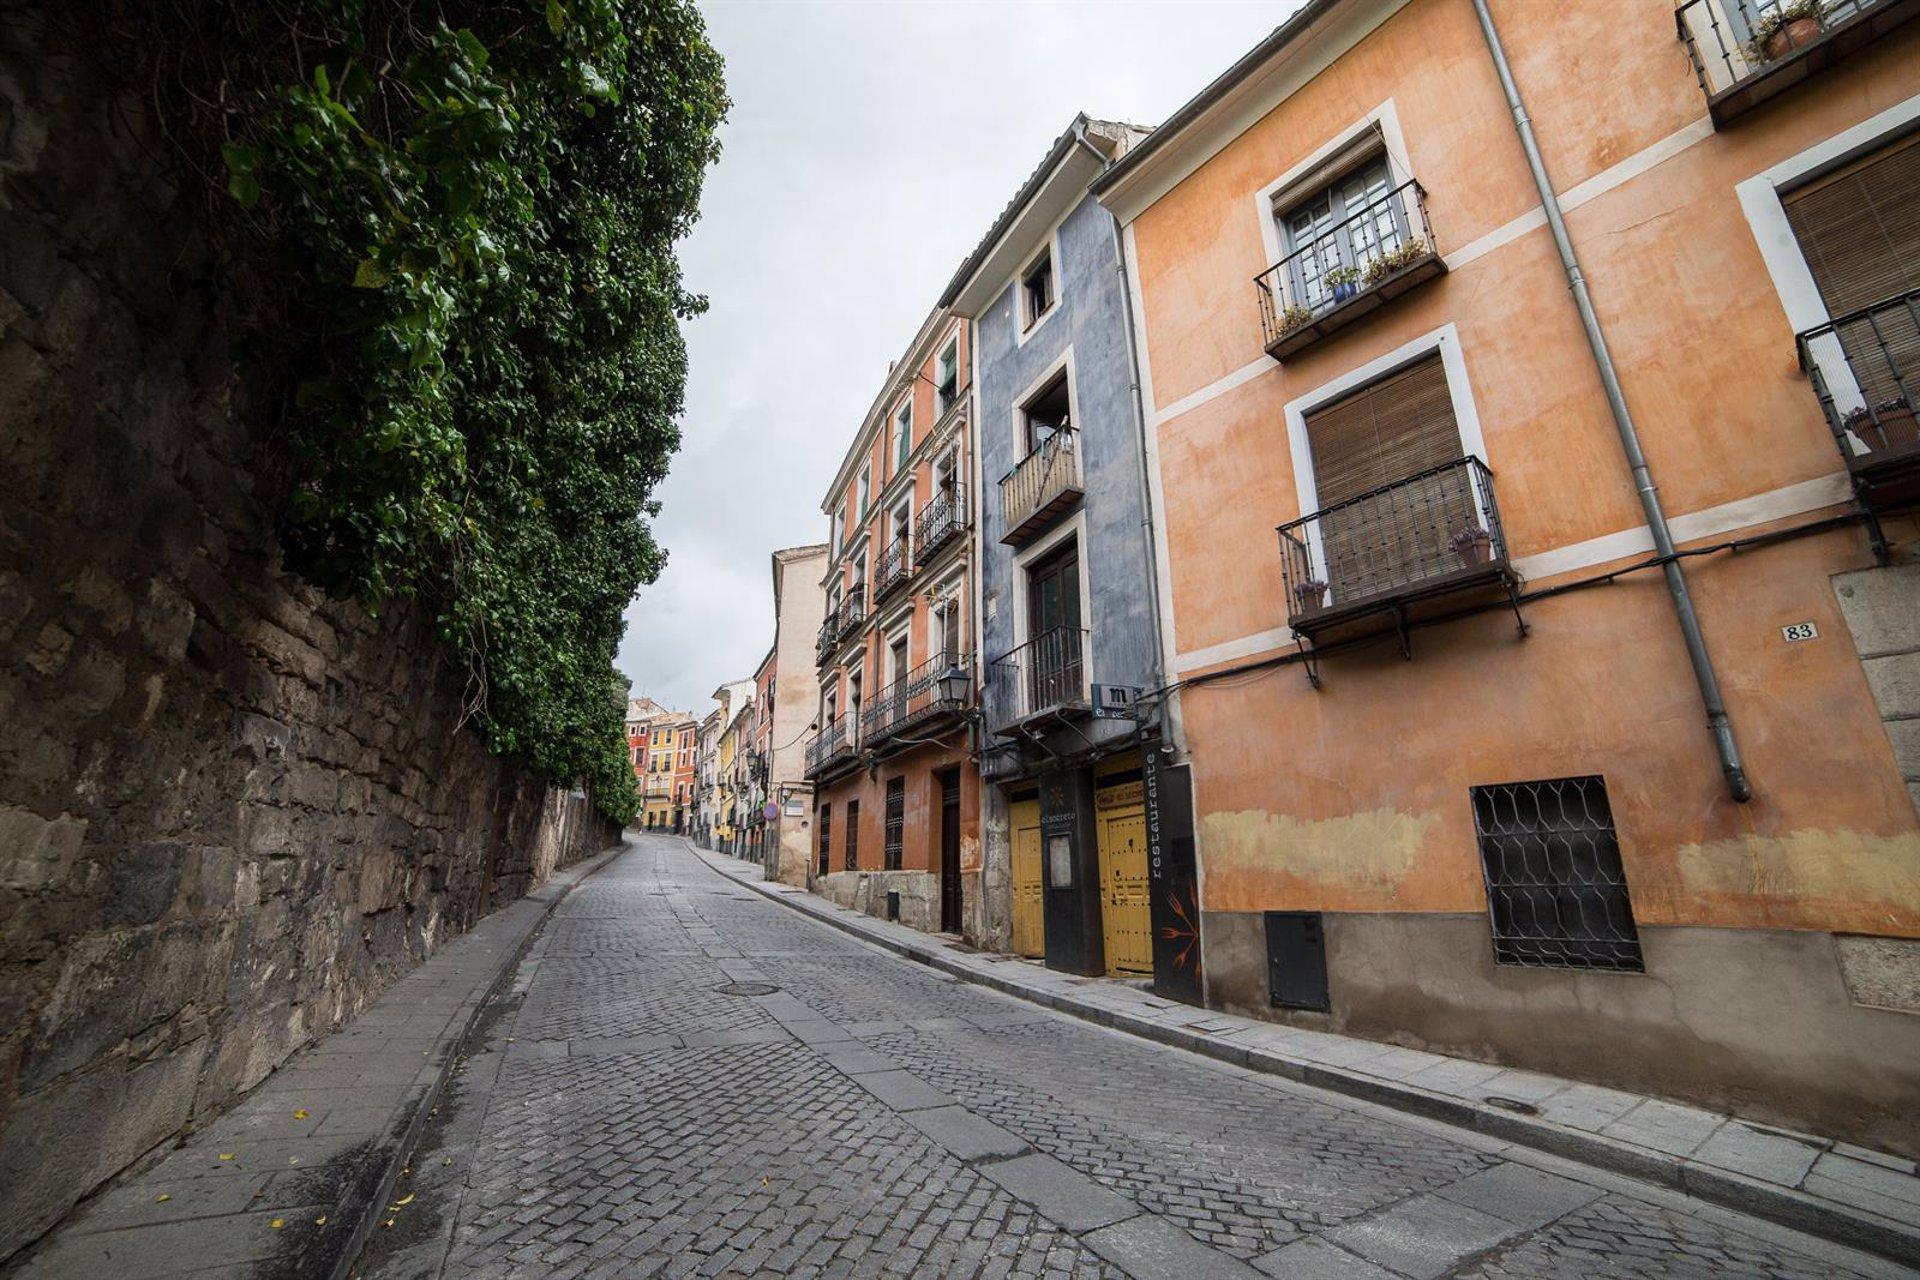 Calle Alfonso VIII en Cuenca, no exactamente el lugar del accidente, puesto que ha sido en la curva donde está el bar Las Brasas.